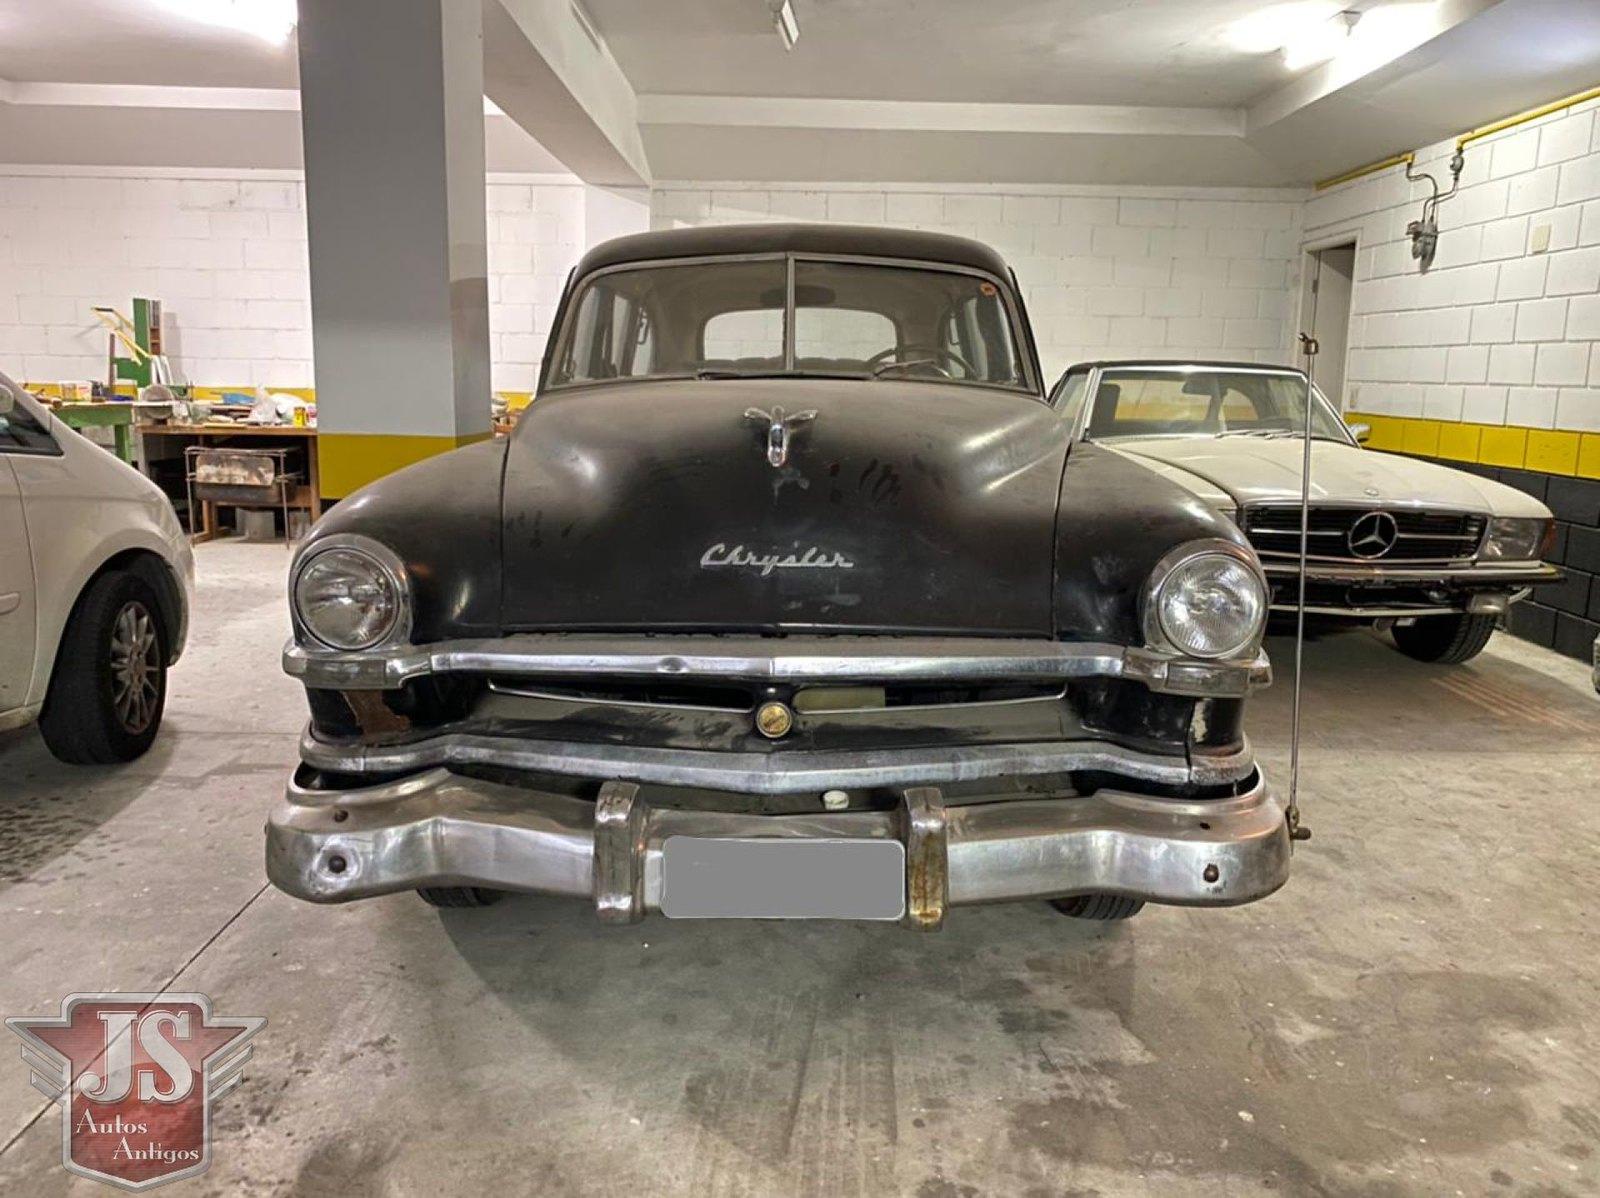 Chrysler 1951 Windsor Limousine